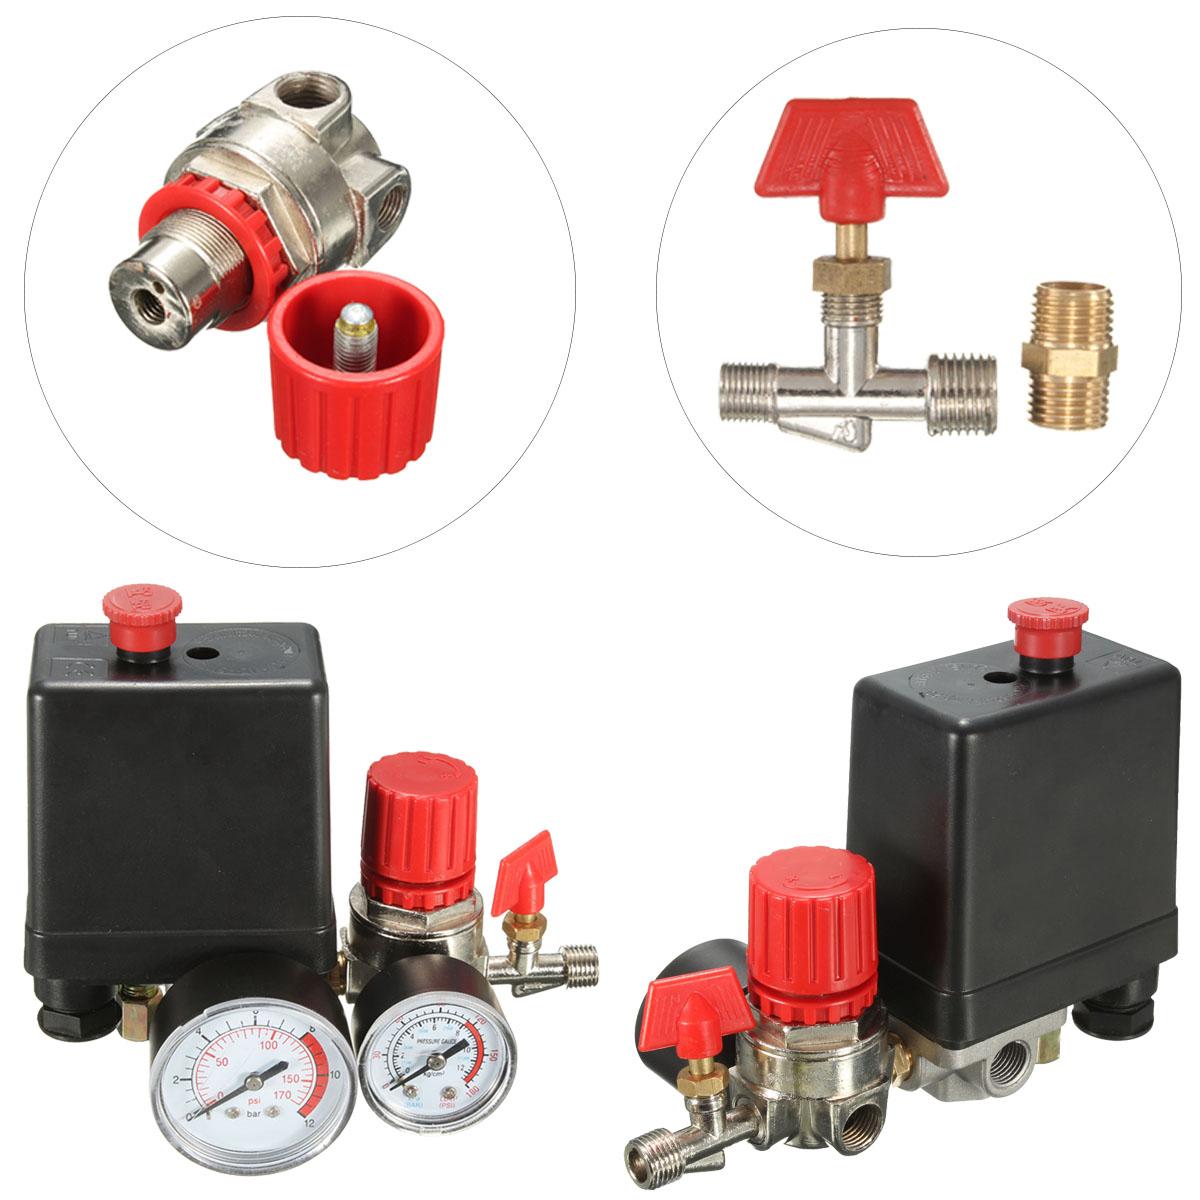 Interrupteur de soupape de pression de compresseur dair VIFER Small G1//8 R/égulateur de soupape de compresseur dair avec manom/ètres